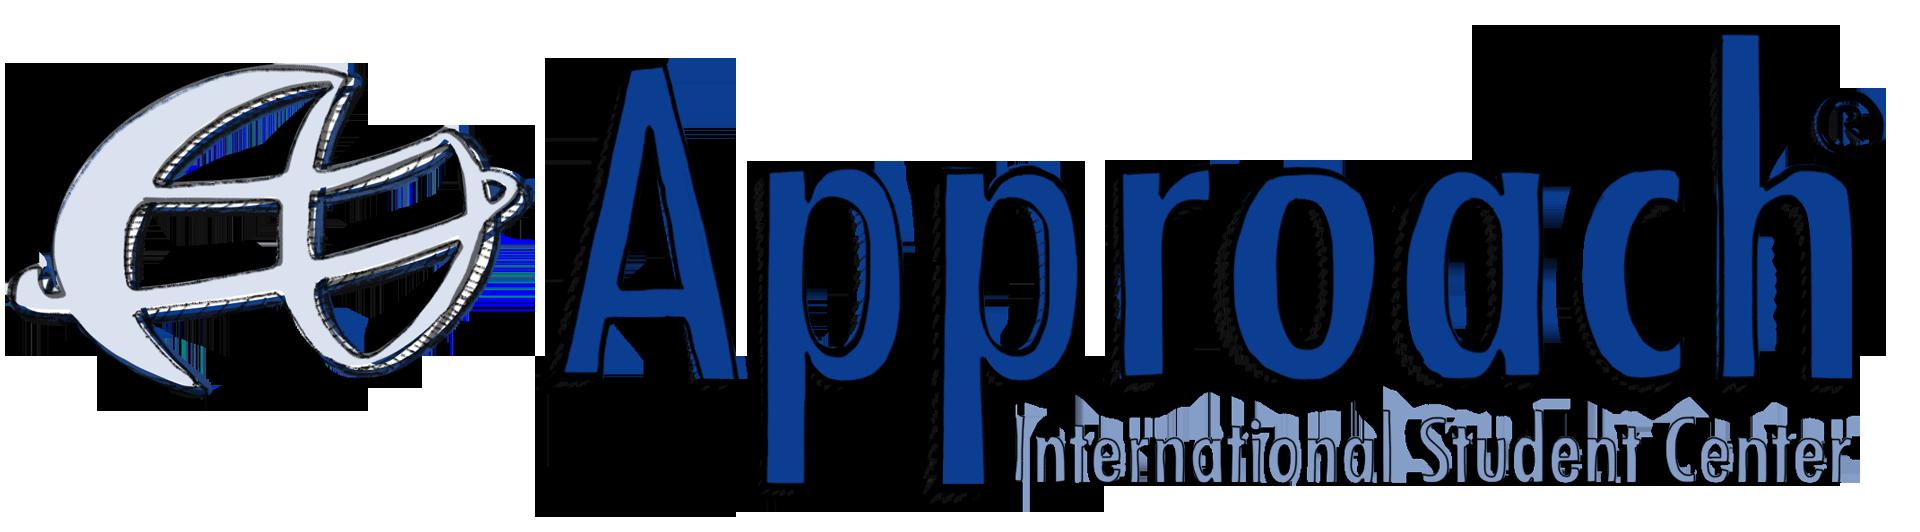 Approach International Student Center®